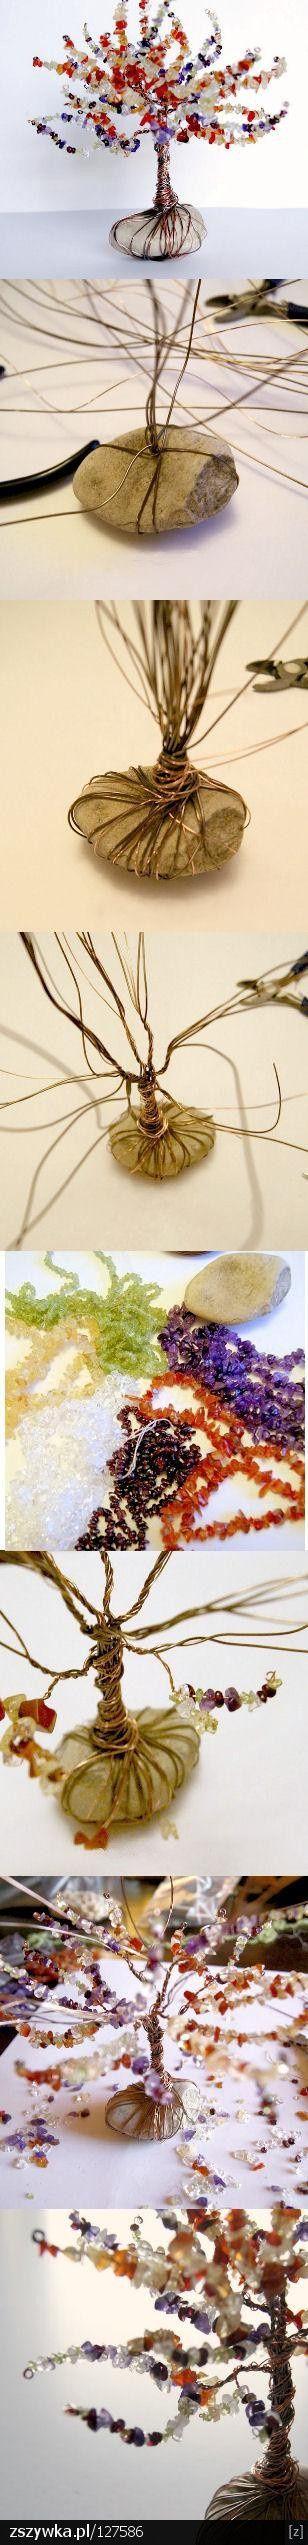 Bonsai de piedras - El día de hoy te mostraremos cómo hacer uno de forma artificial, pero muy hermoso, colorido y decorativo, sin duda una pieza excepcional y atractiva para incluir en la decoración de tu hogar.